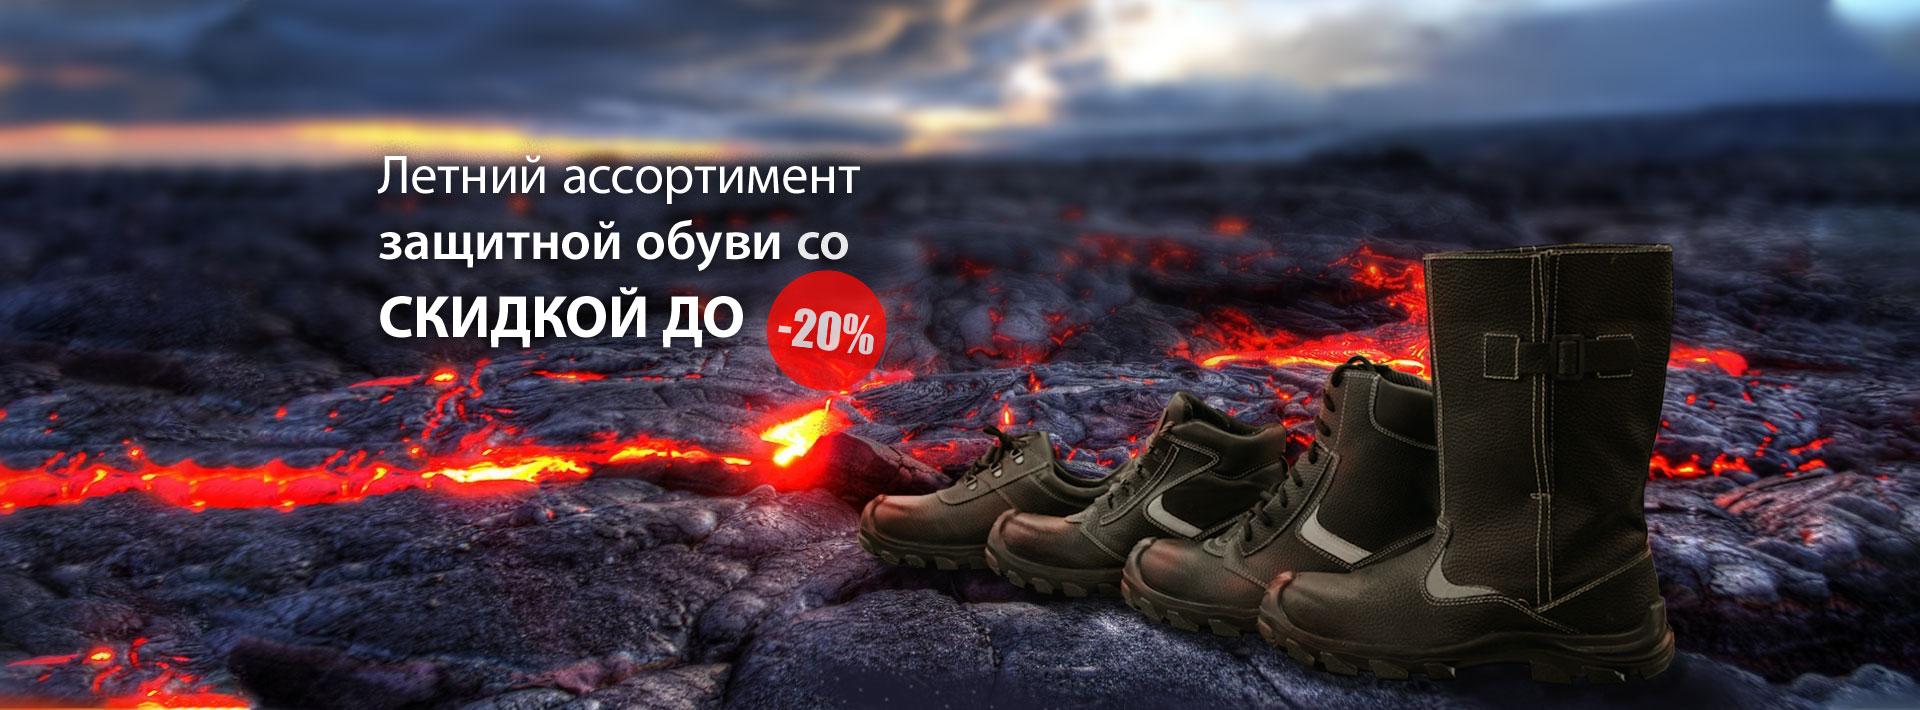 Летний ассортимент защитной обуви со скидкой до -20%